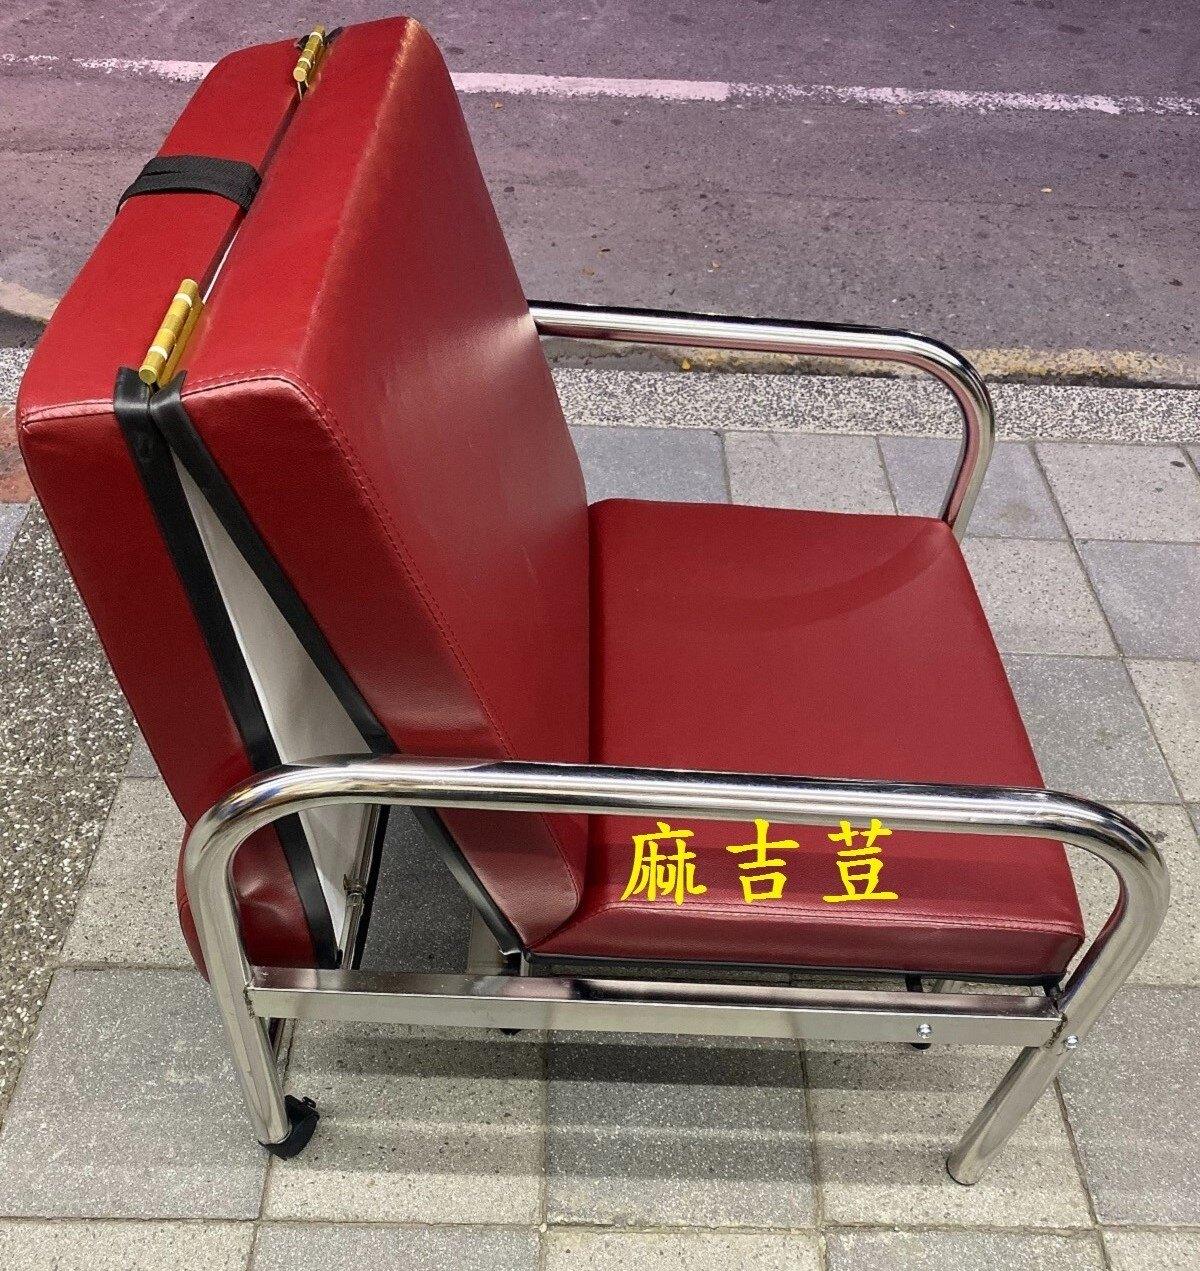 坐臥兩用不銹鋼60CM寬陪伴椅 /看護椅/陪伴床/看護床/折疊床 陪客床 折疊椅 不是電動床喔!